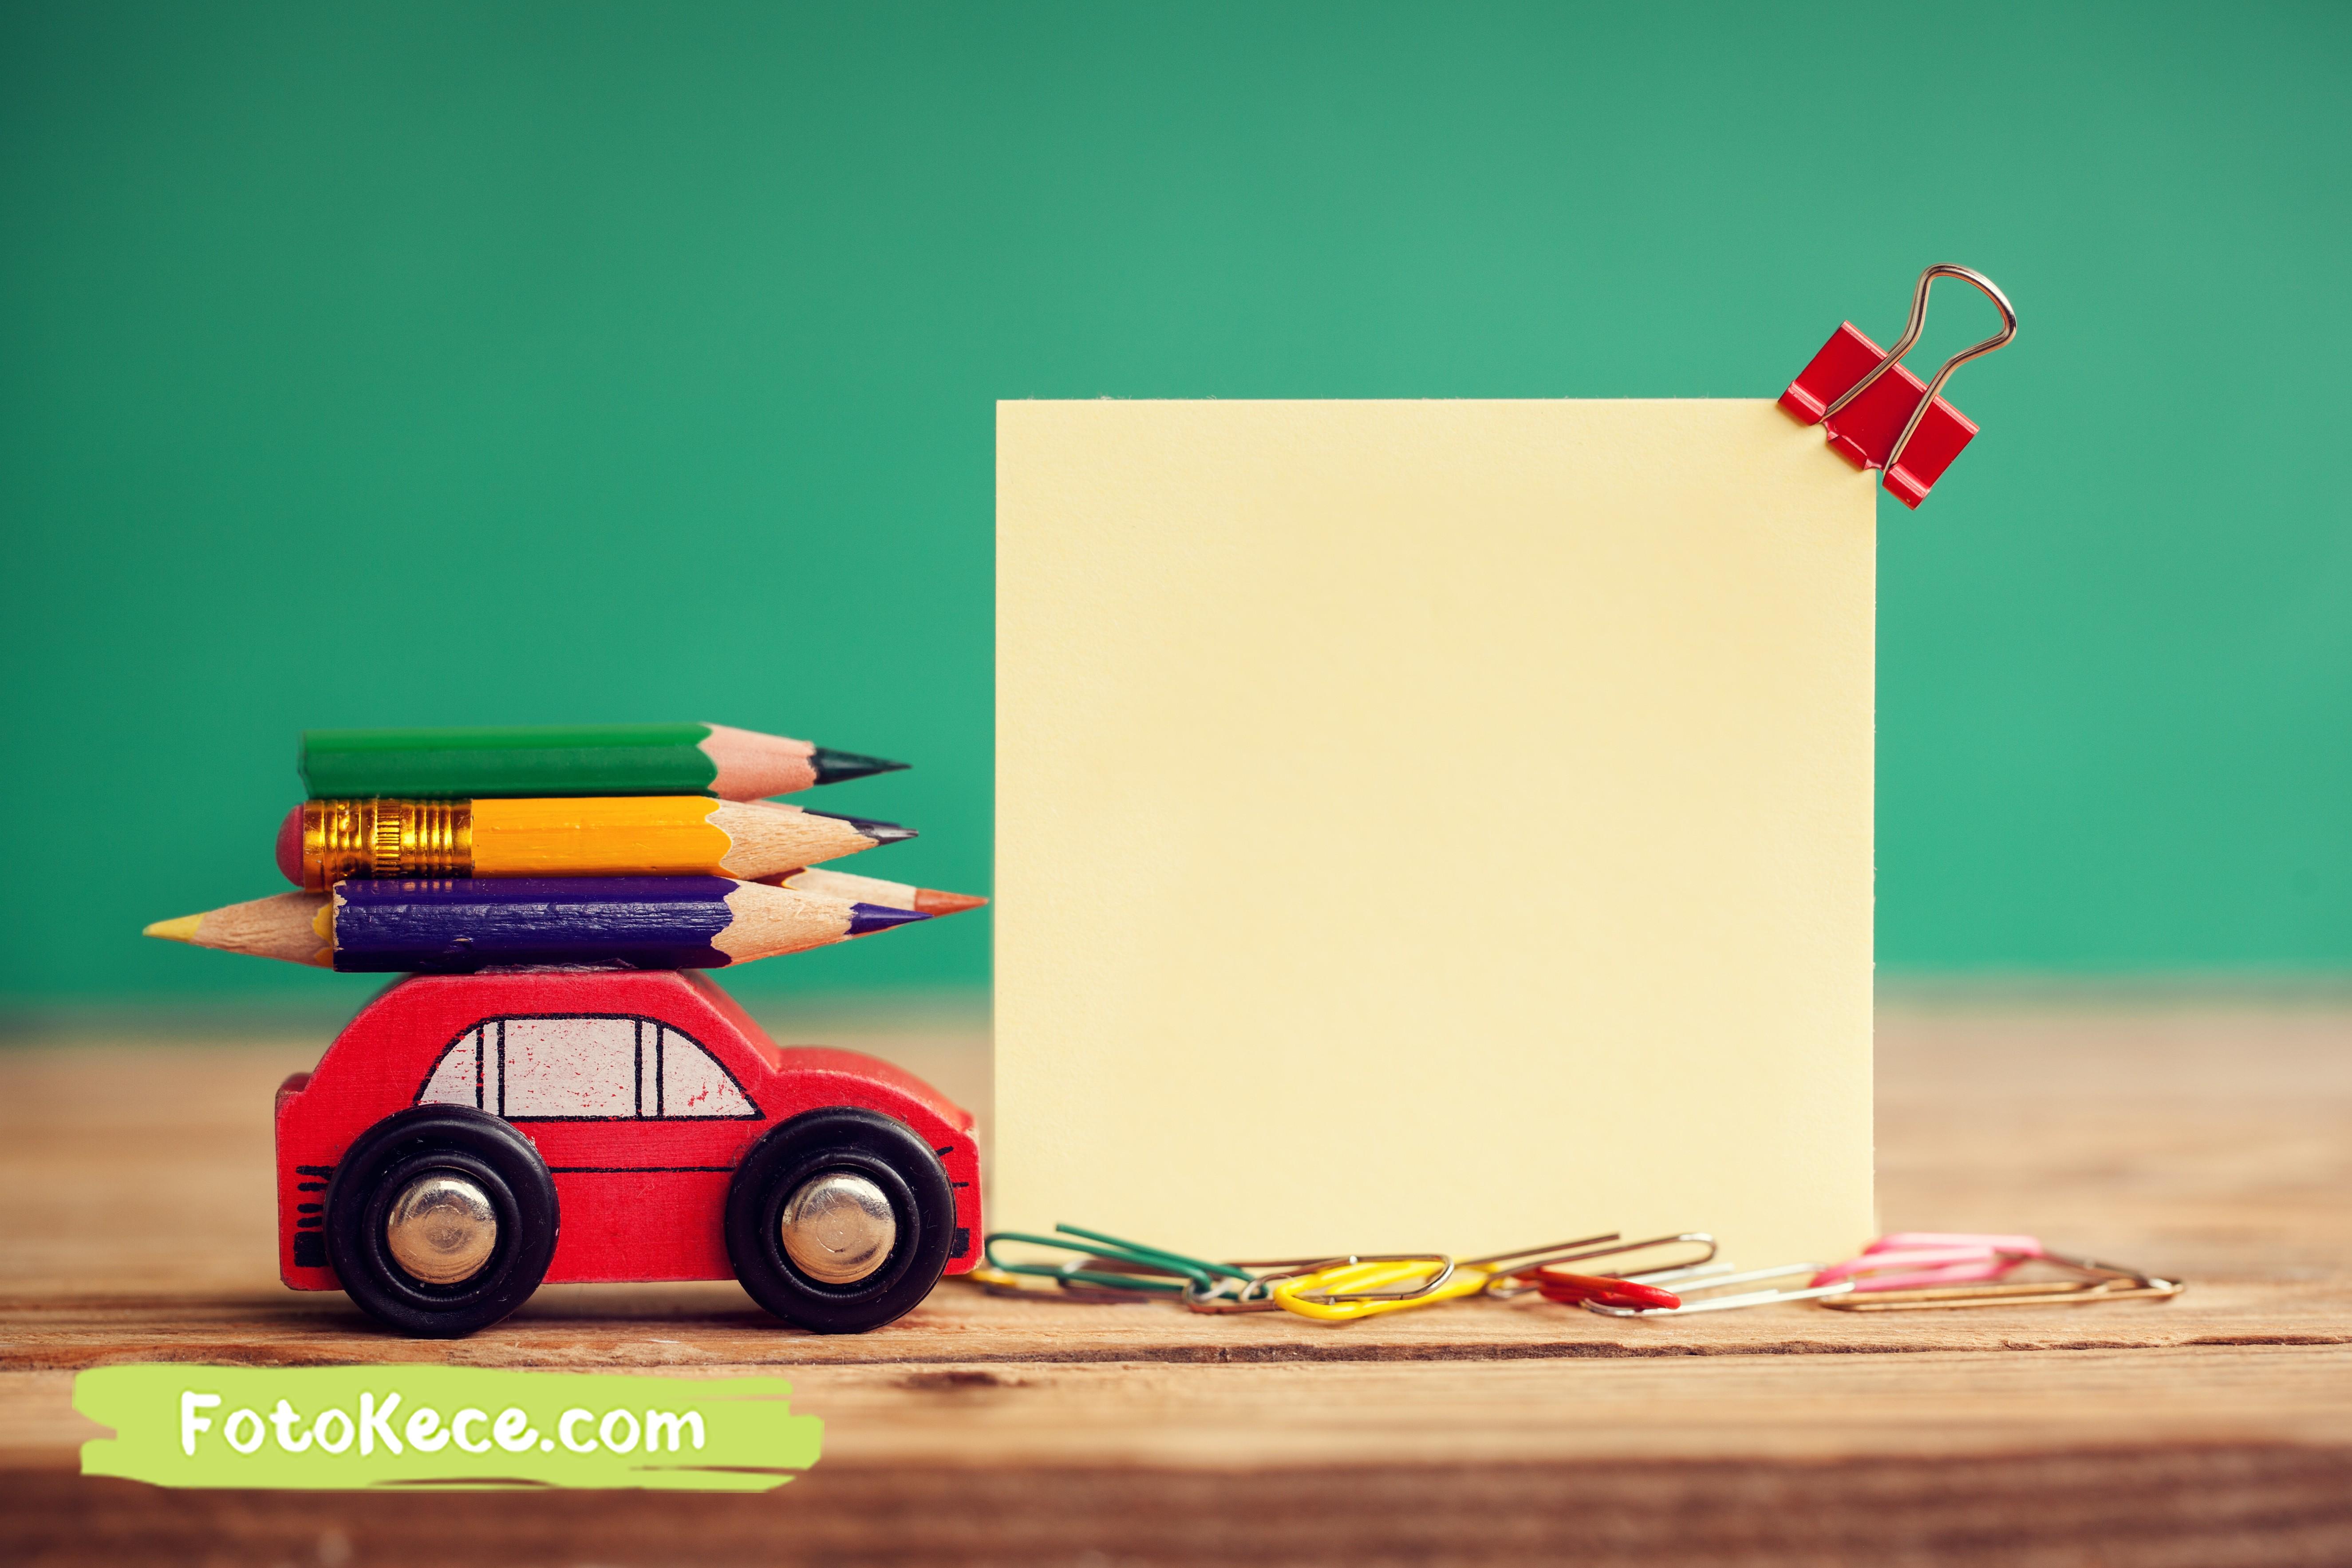 miniatur kayu konsep kembali ke sekolah pada contoh banner poster pendidikan pada fotokece